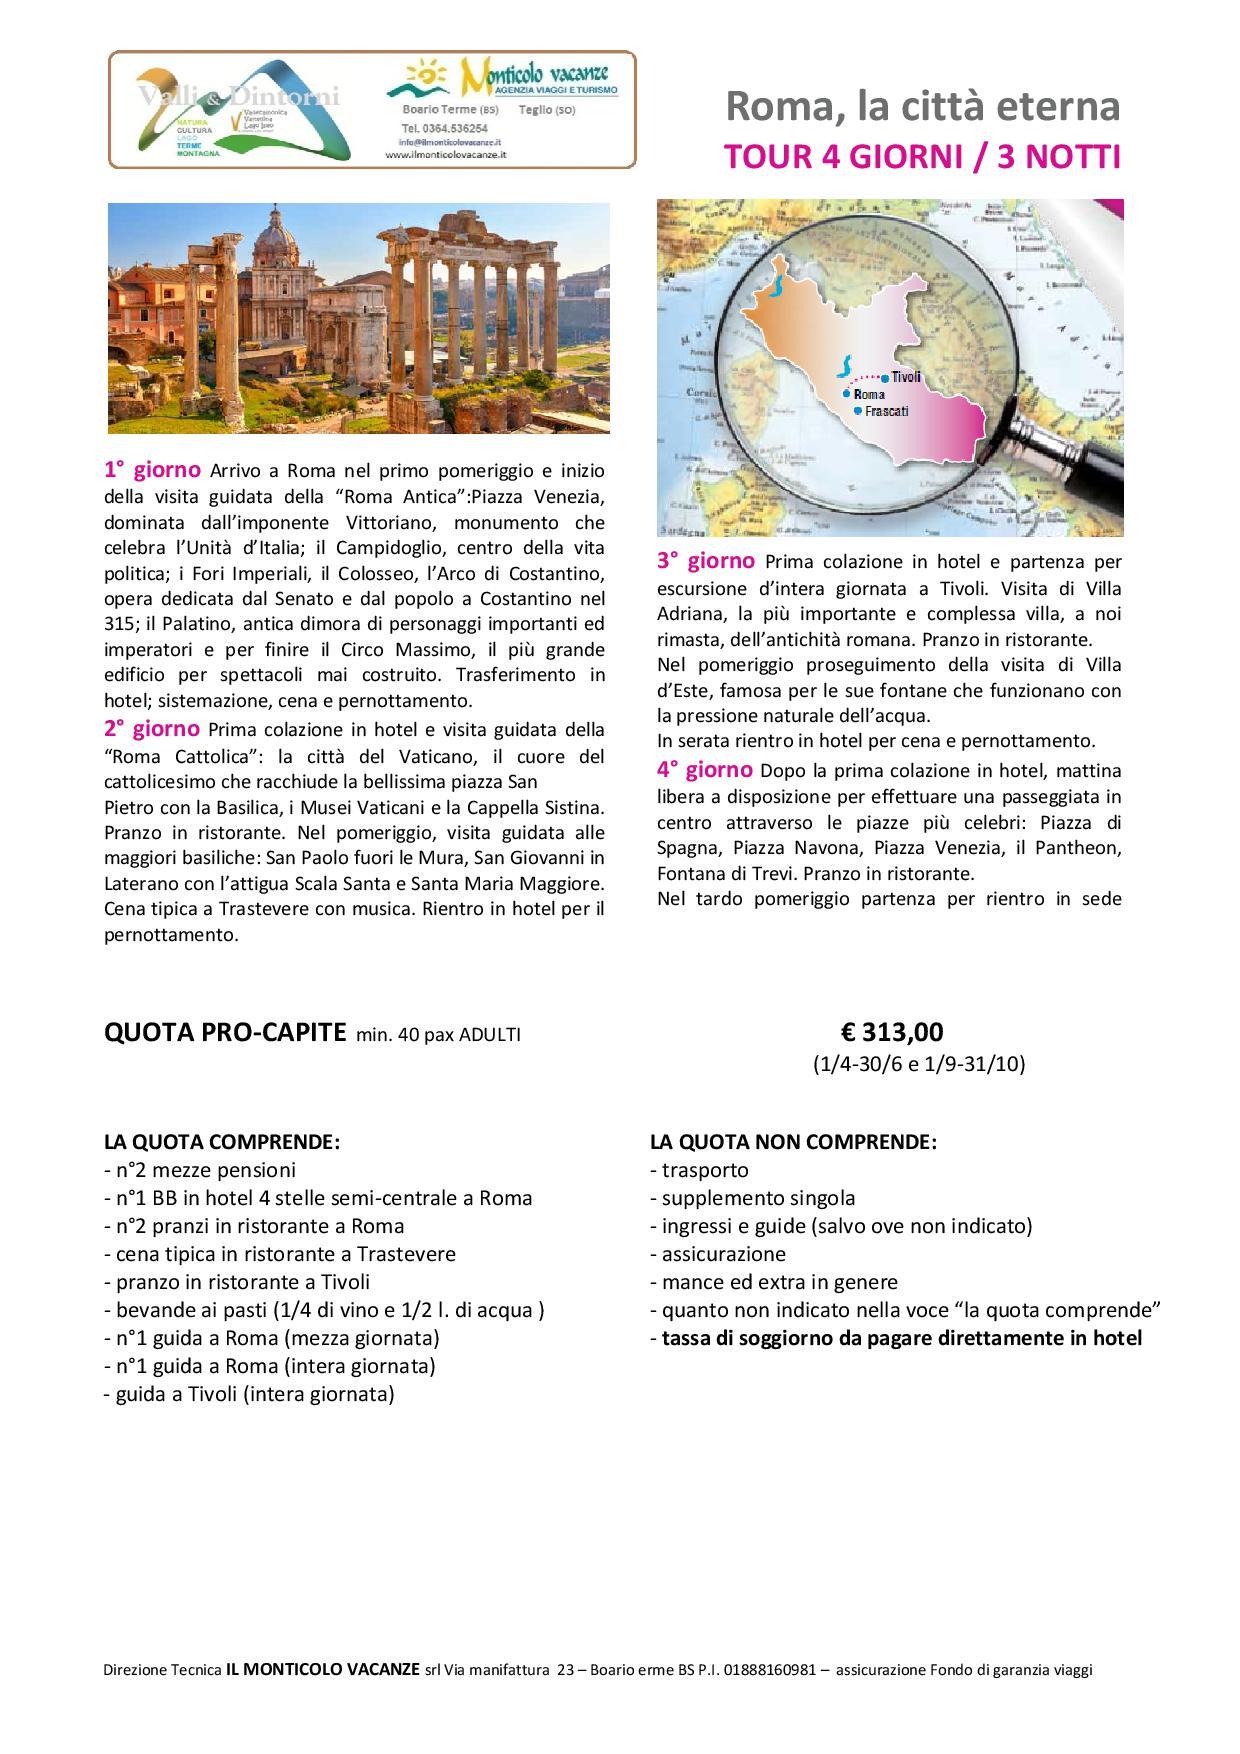 Beautiful Tassa Di Soggiorno Roma Ideas - Modern Home Design ...